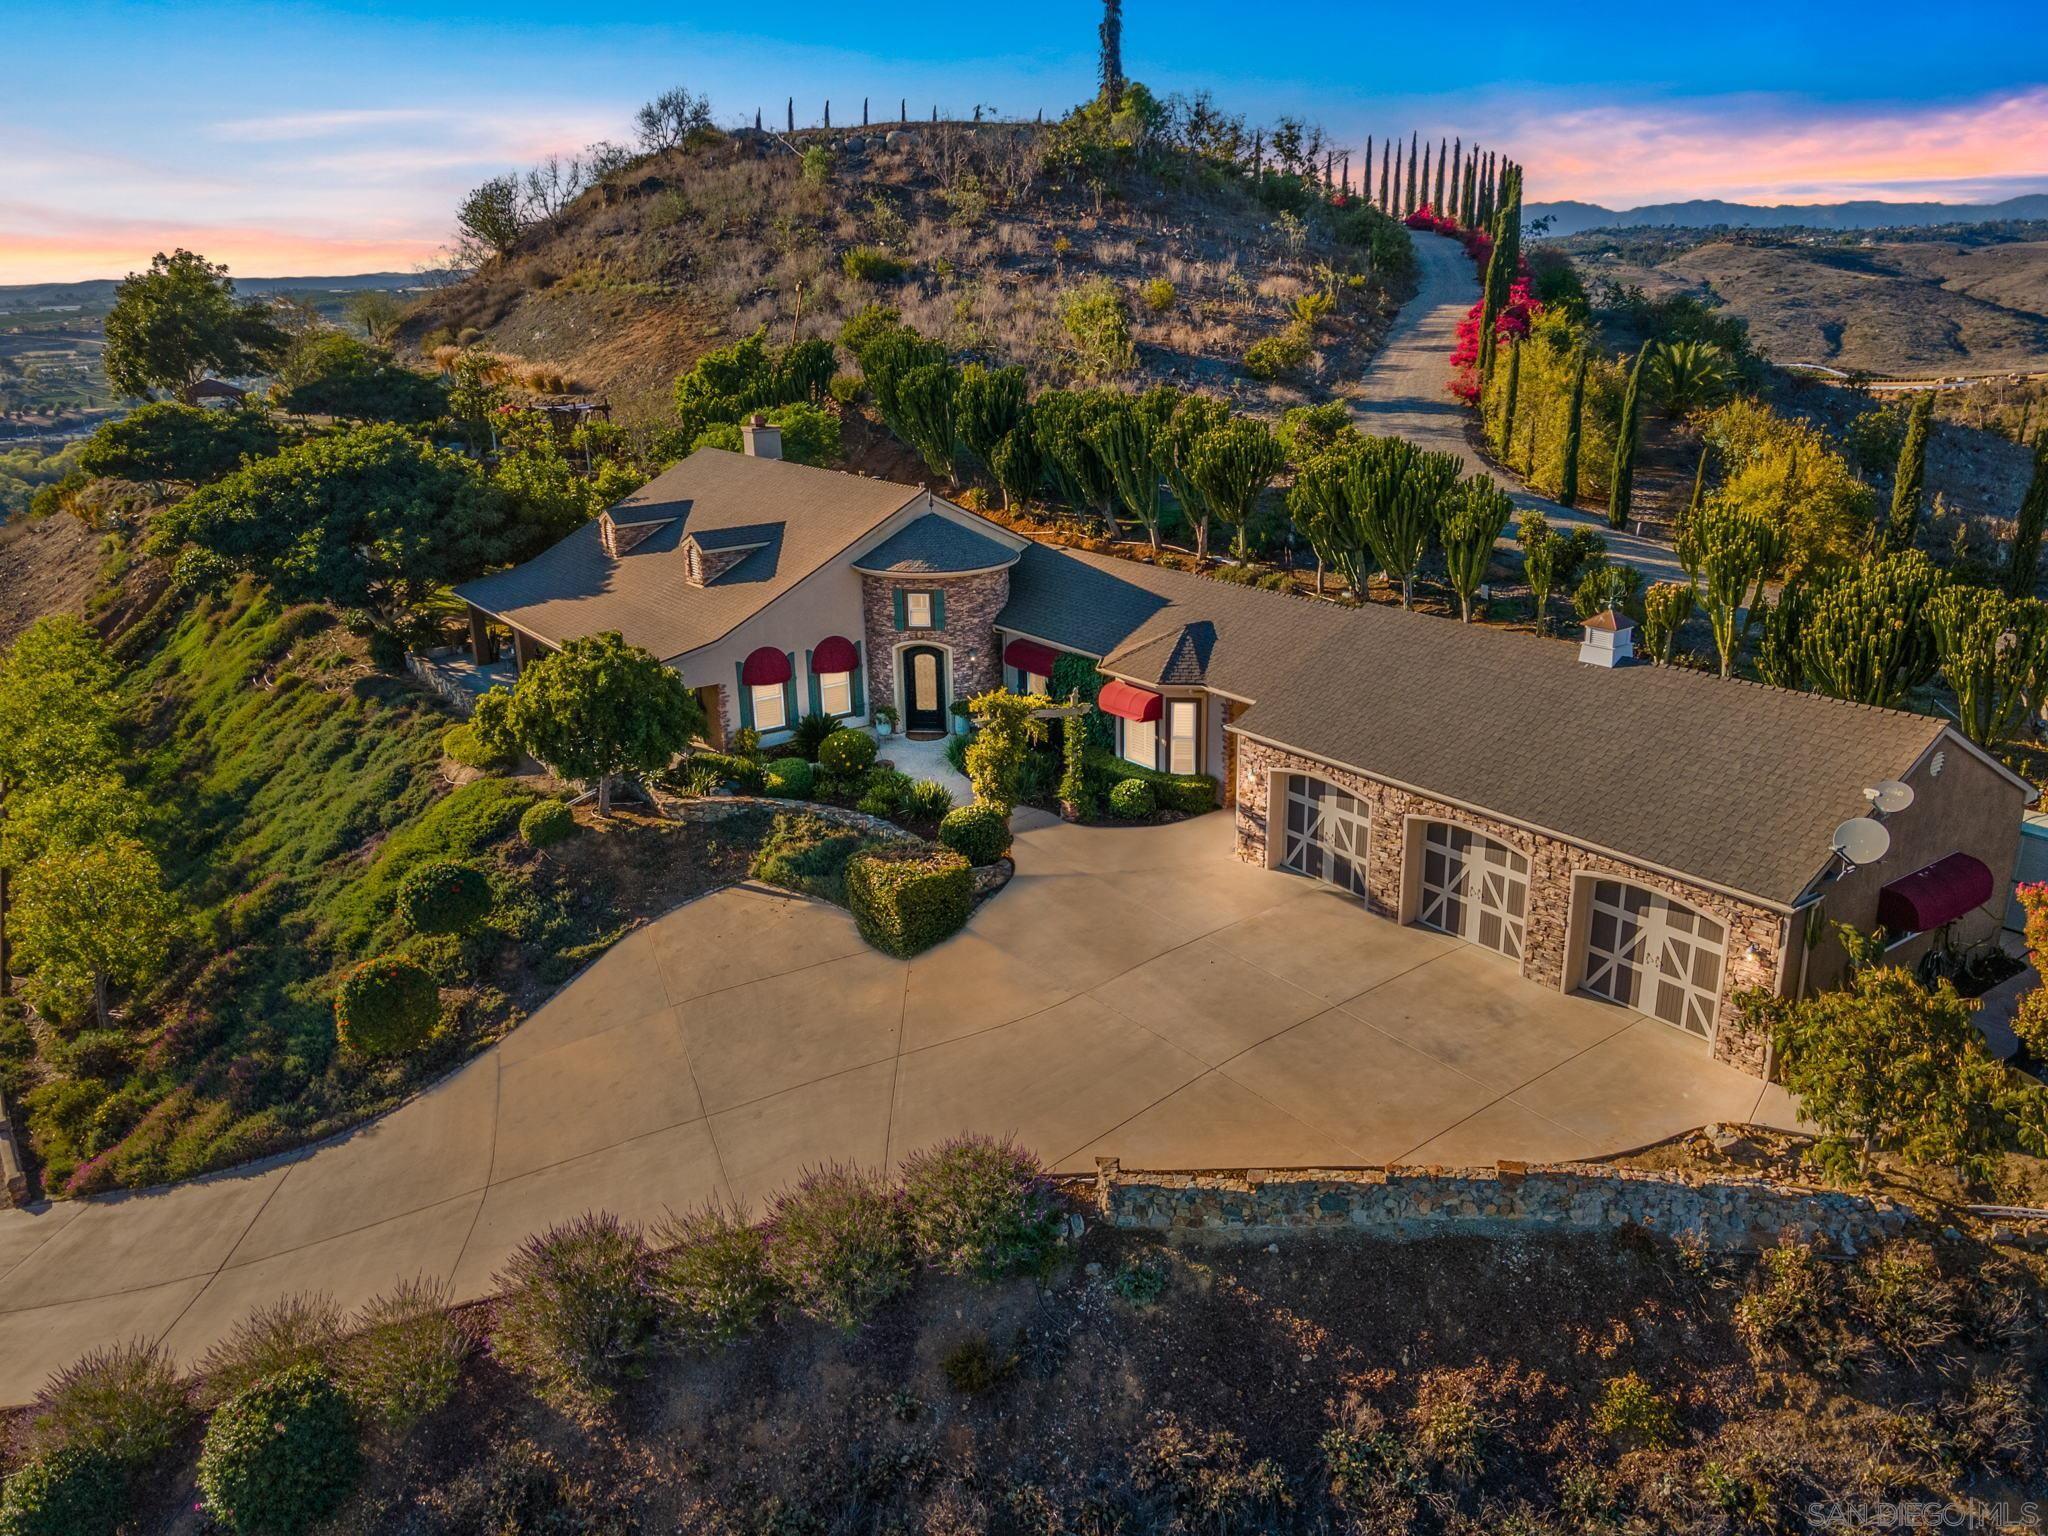 Photo of 30419 Canyon Estates Rd, Vista, CA 92084